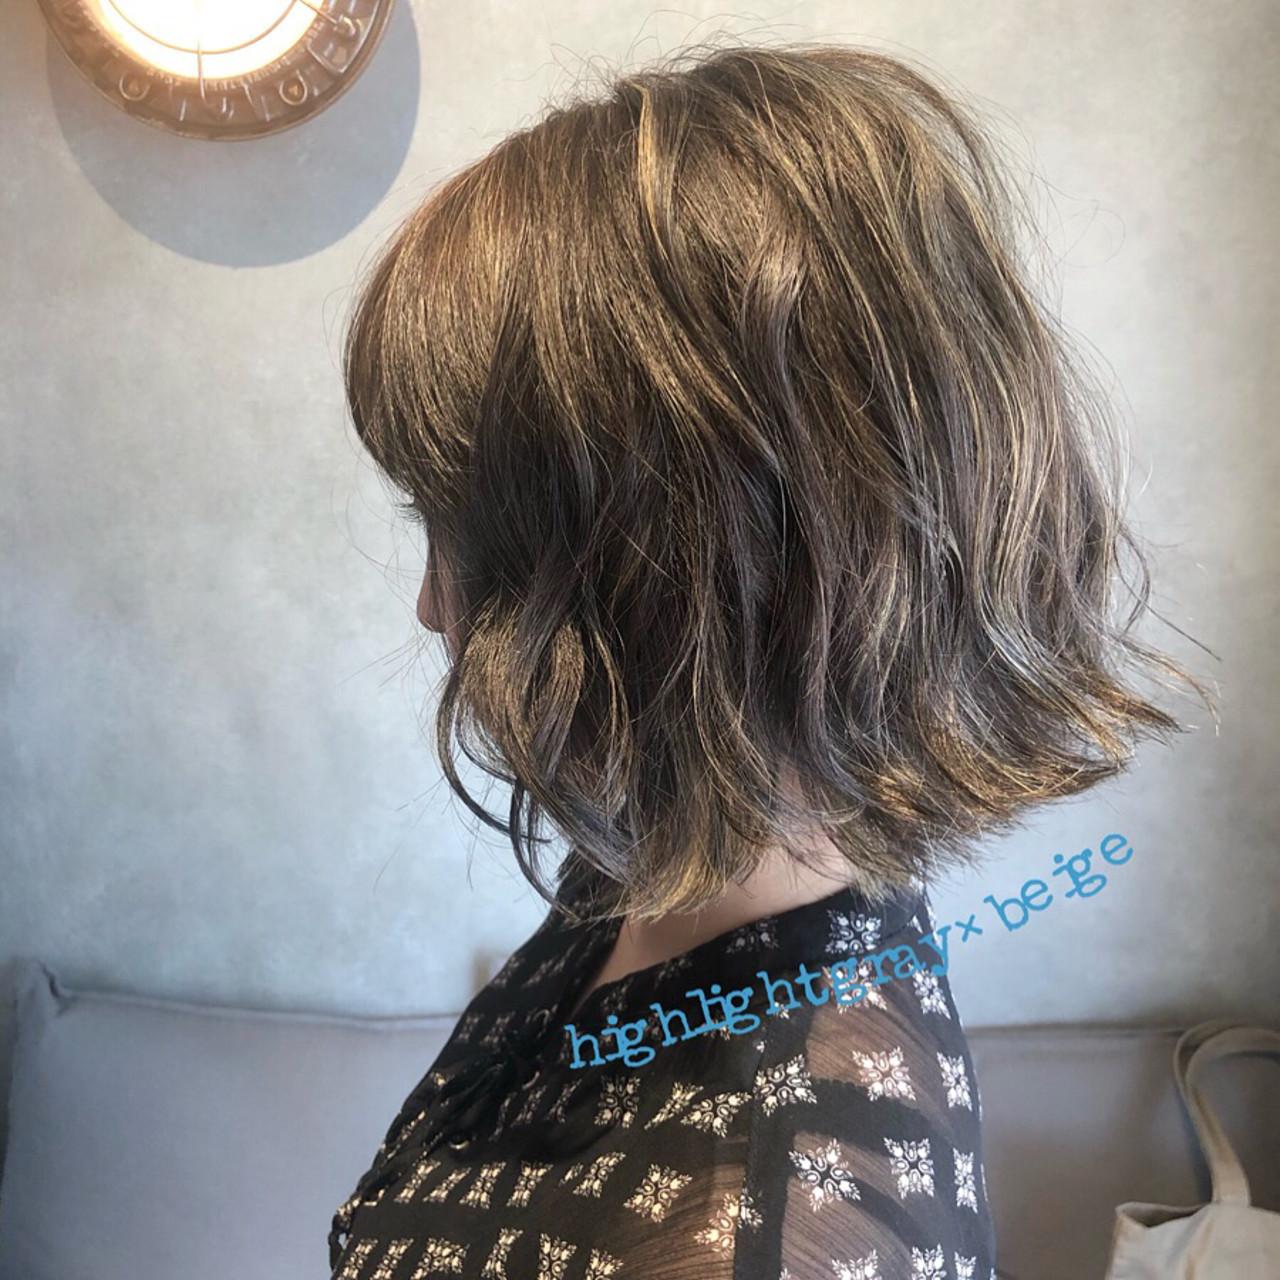 コンサバ ベージュ アンニュイ くせ毛風 ヘアスタイルや髪型の写真・画像